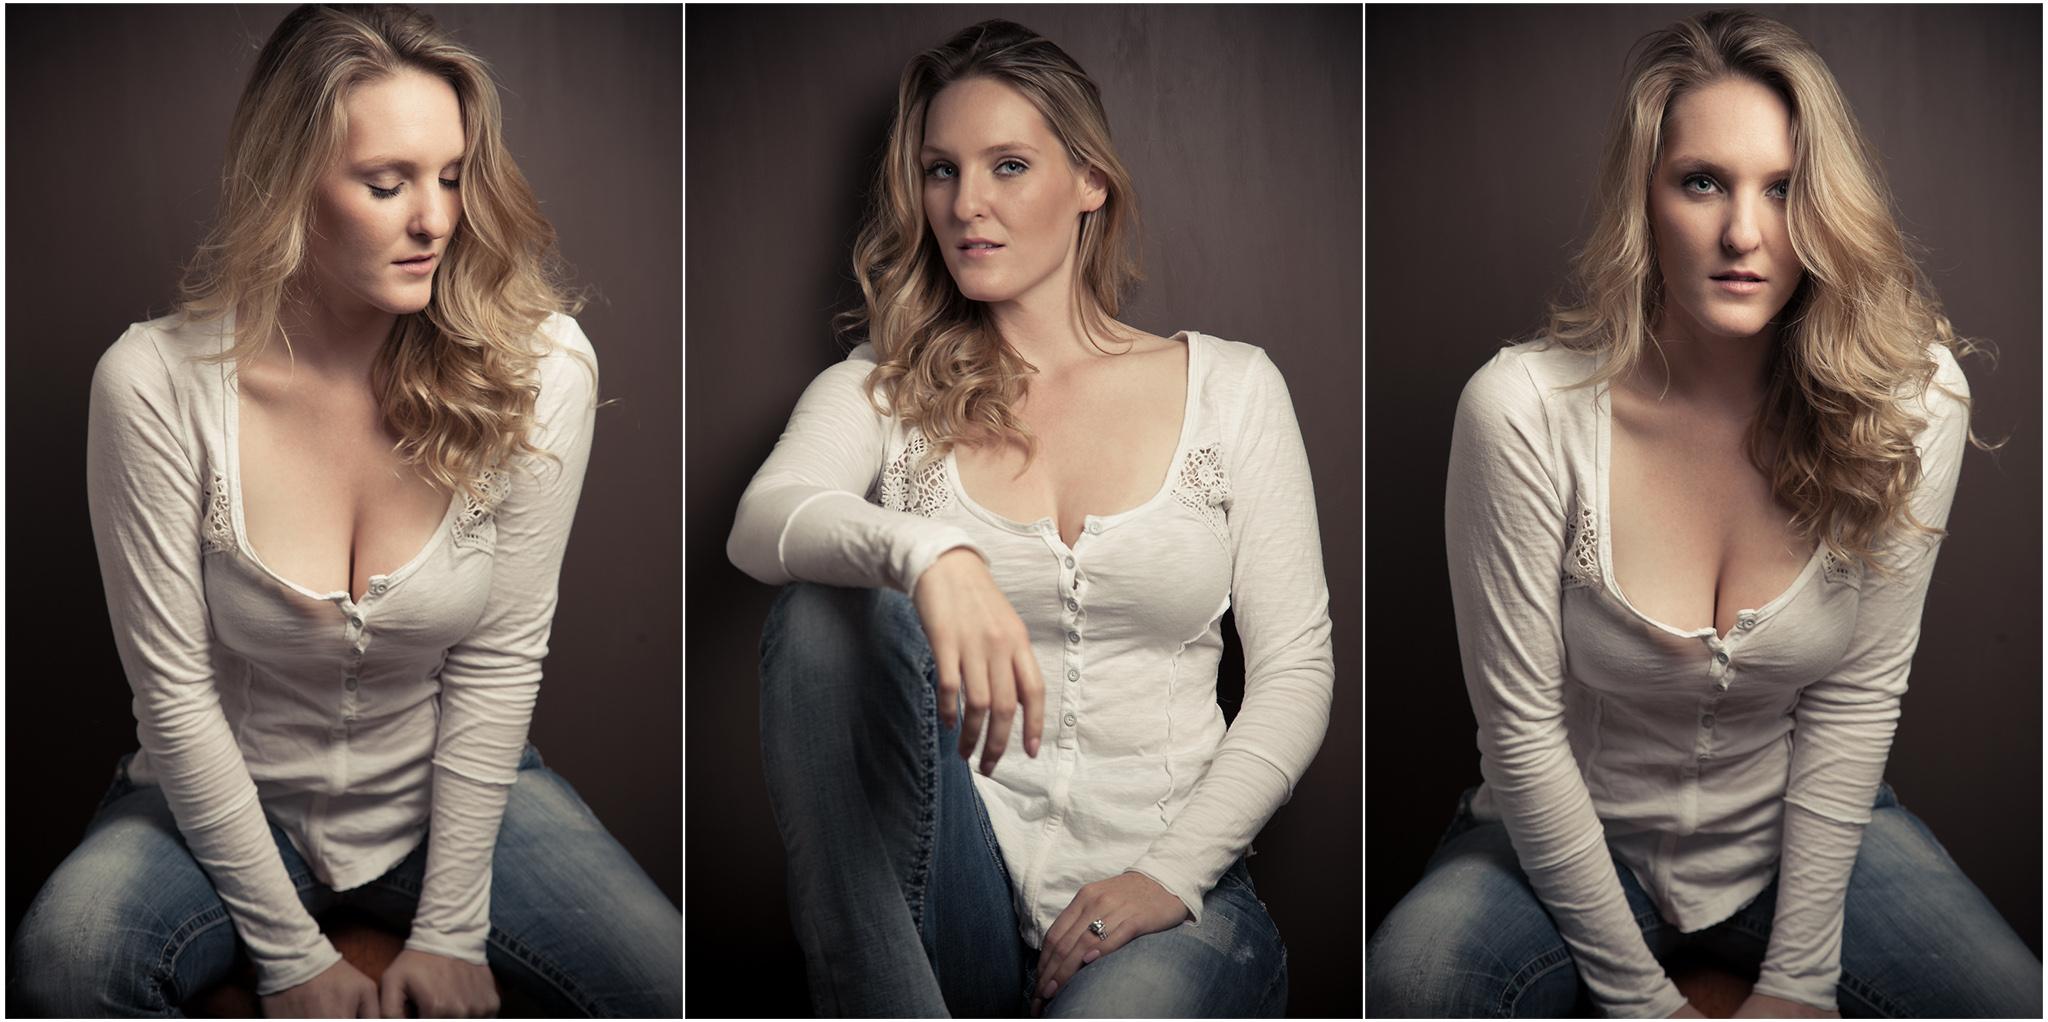 Deanna collage